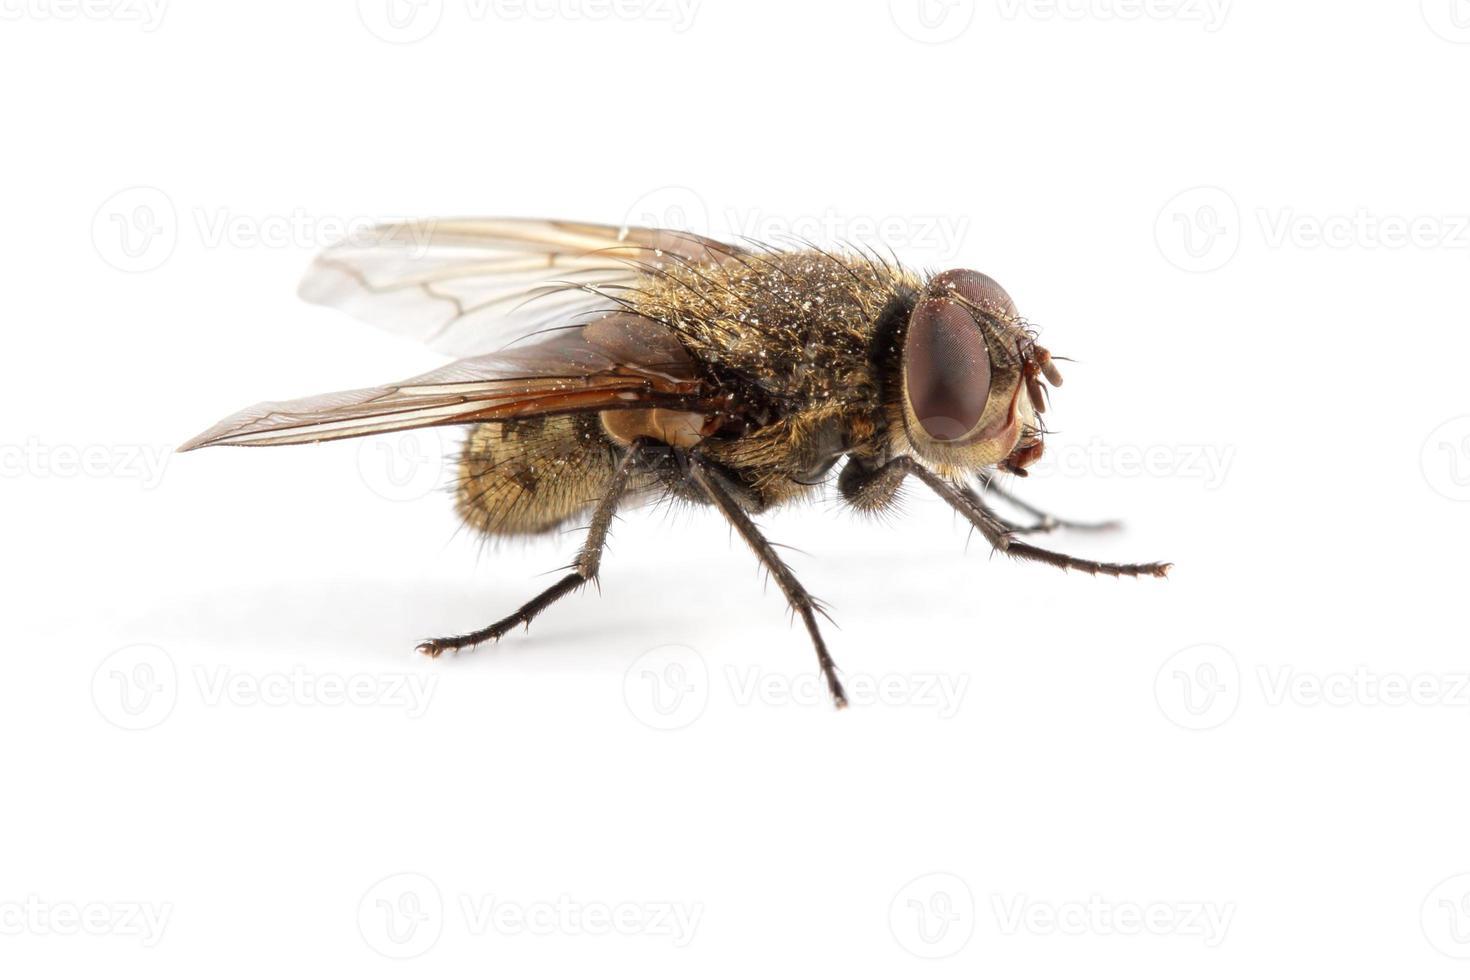 mosca doméstica foto